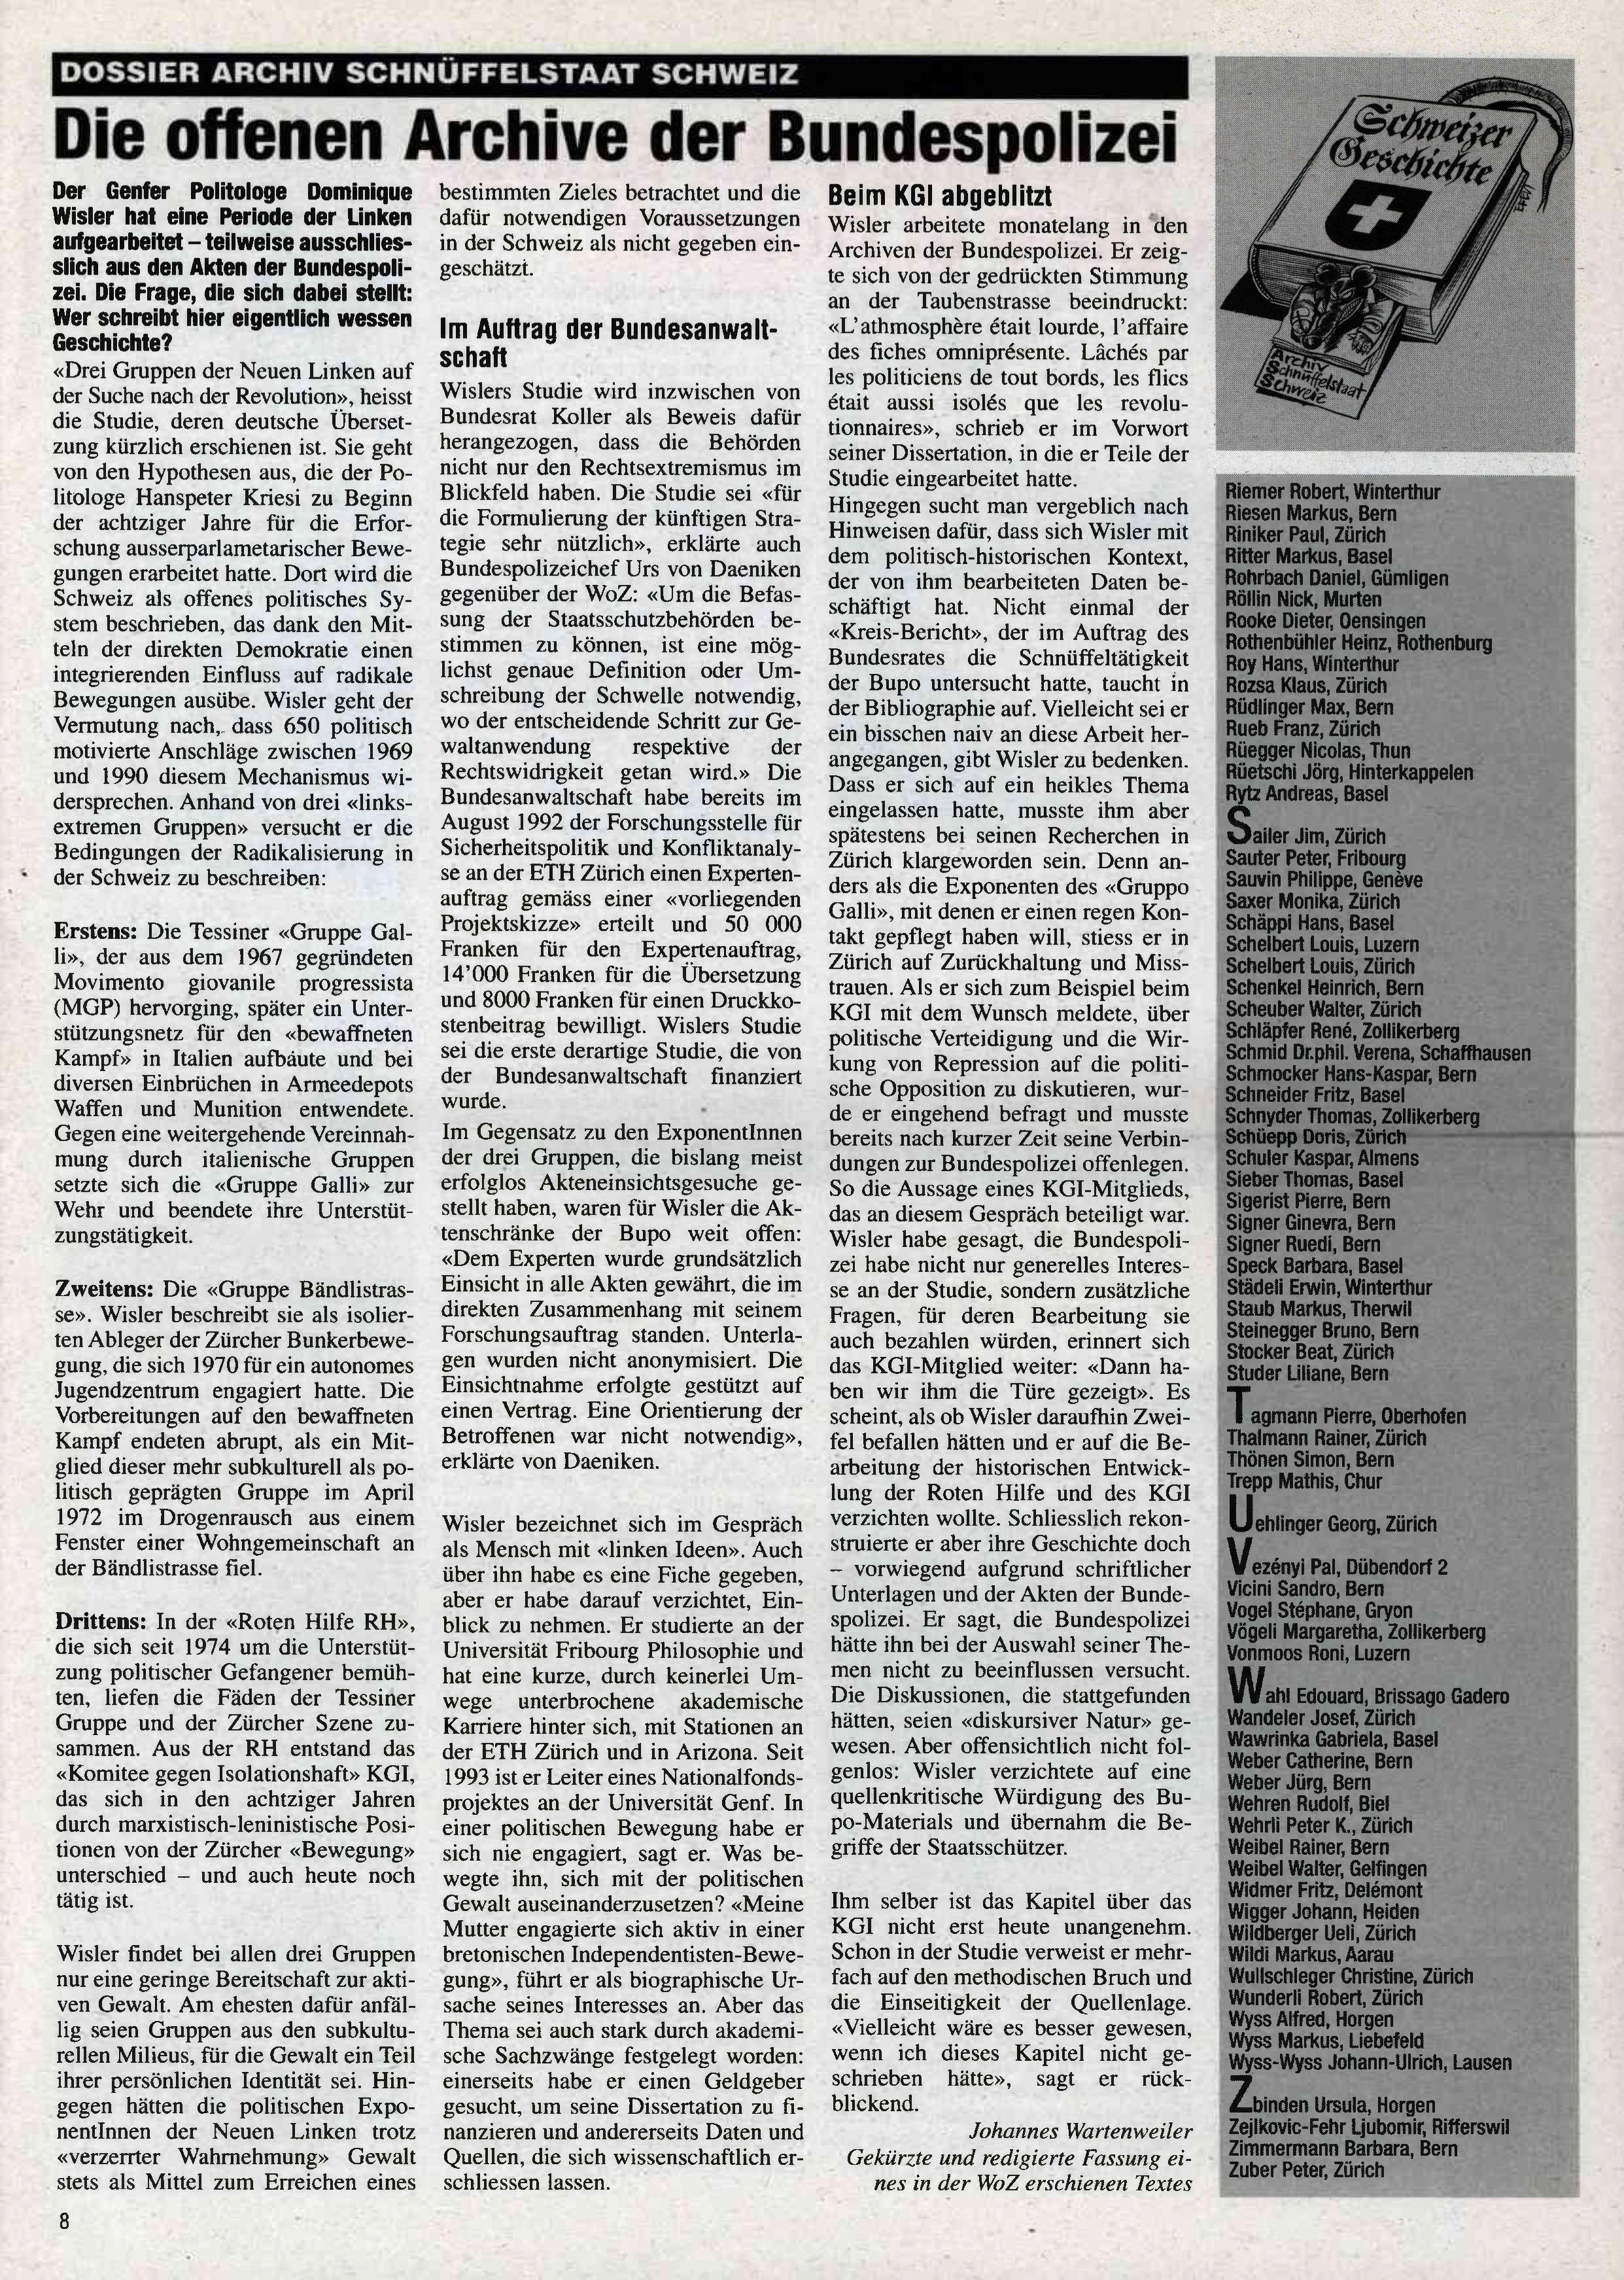 FICHEN FRITZ NR. 25 - SEITE 8